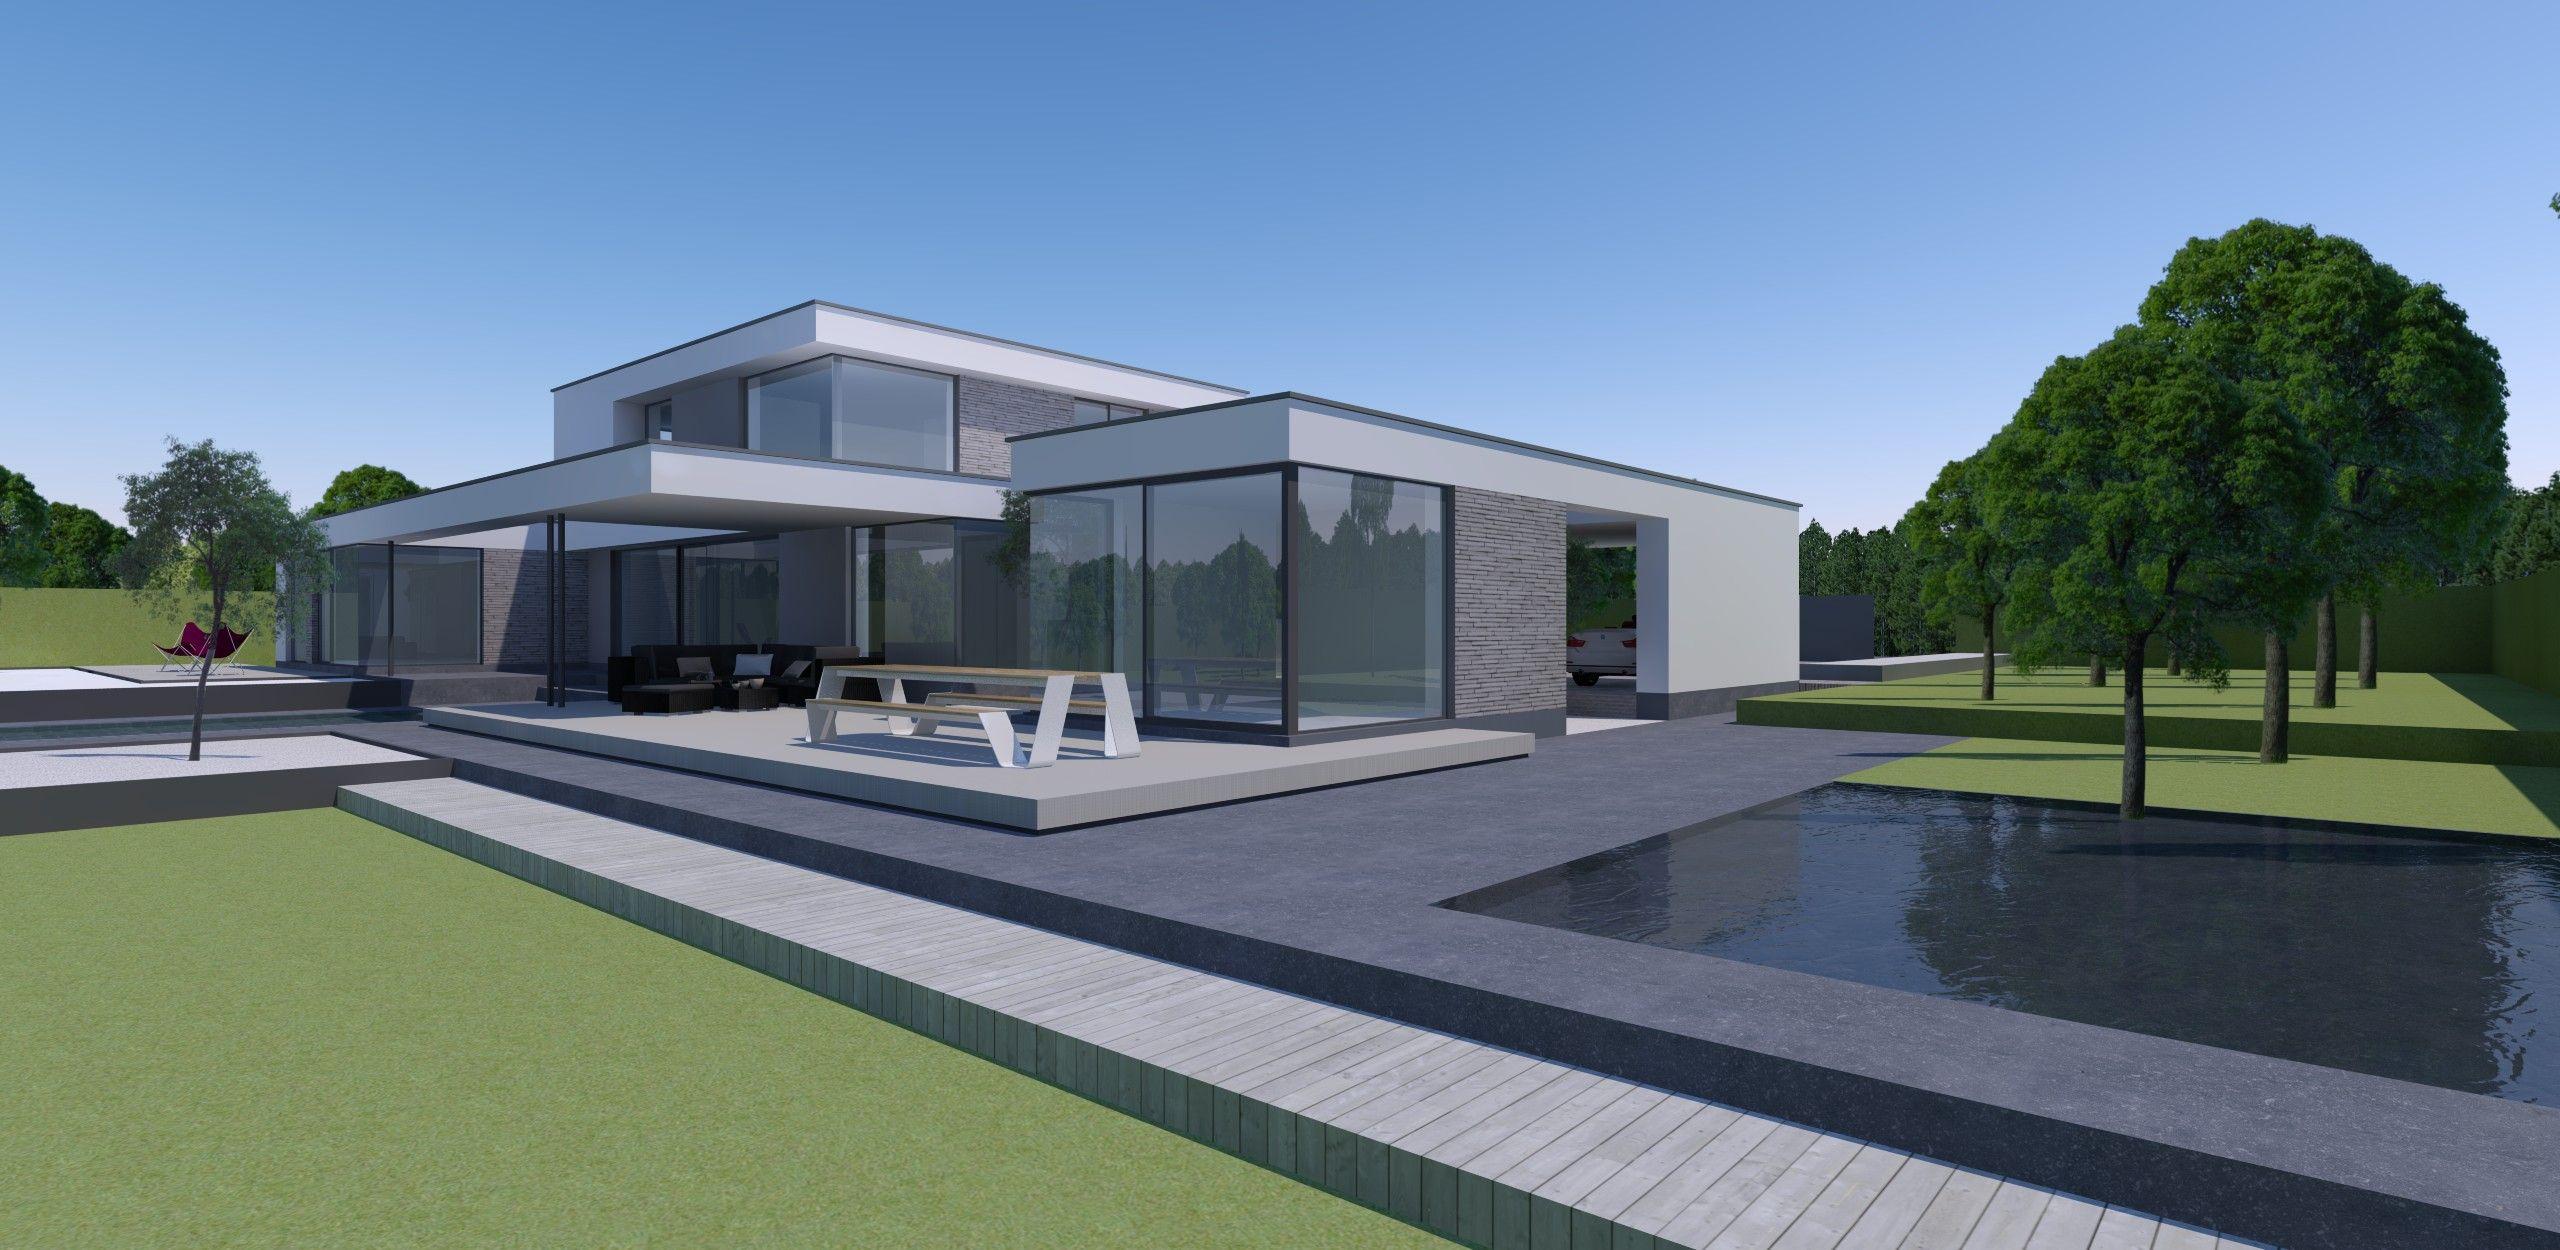 Block office architecten strakke architectuur moderne for Moderne strakke huizen